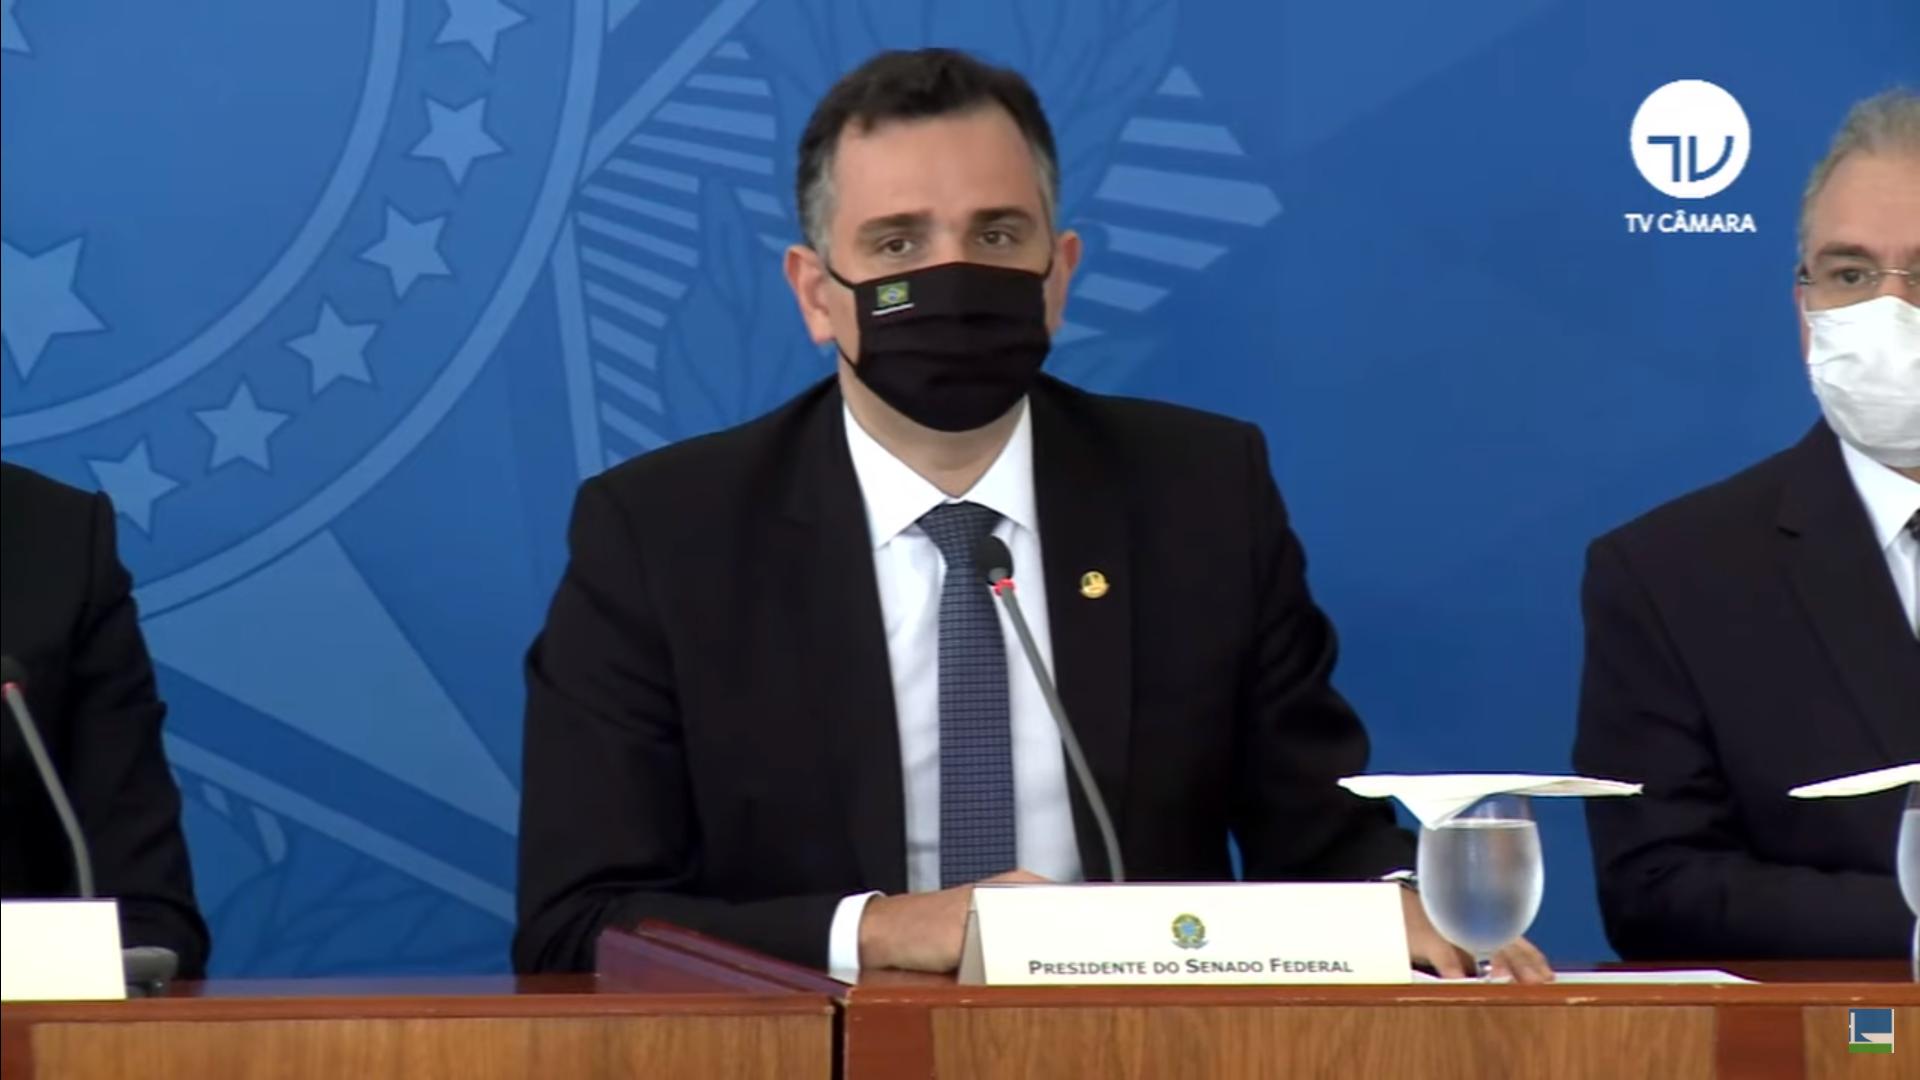 IMAGEM: Presidente do Senado defende maior controle sobre vacinação